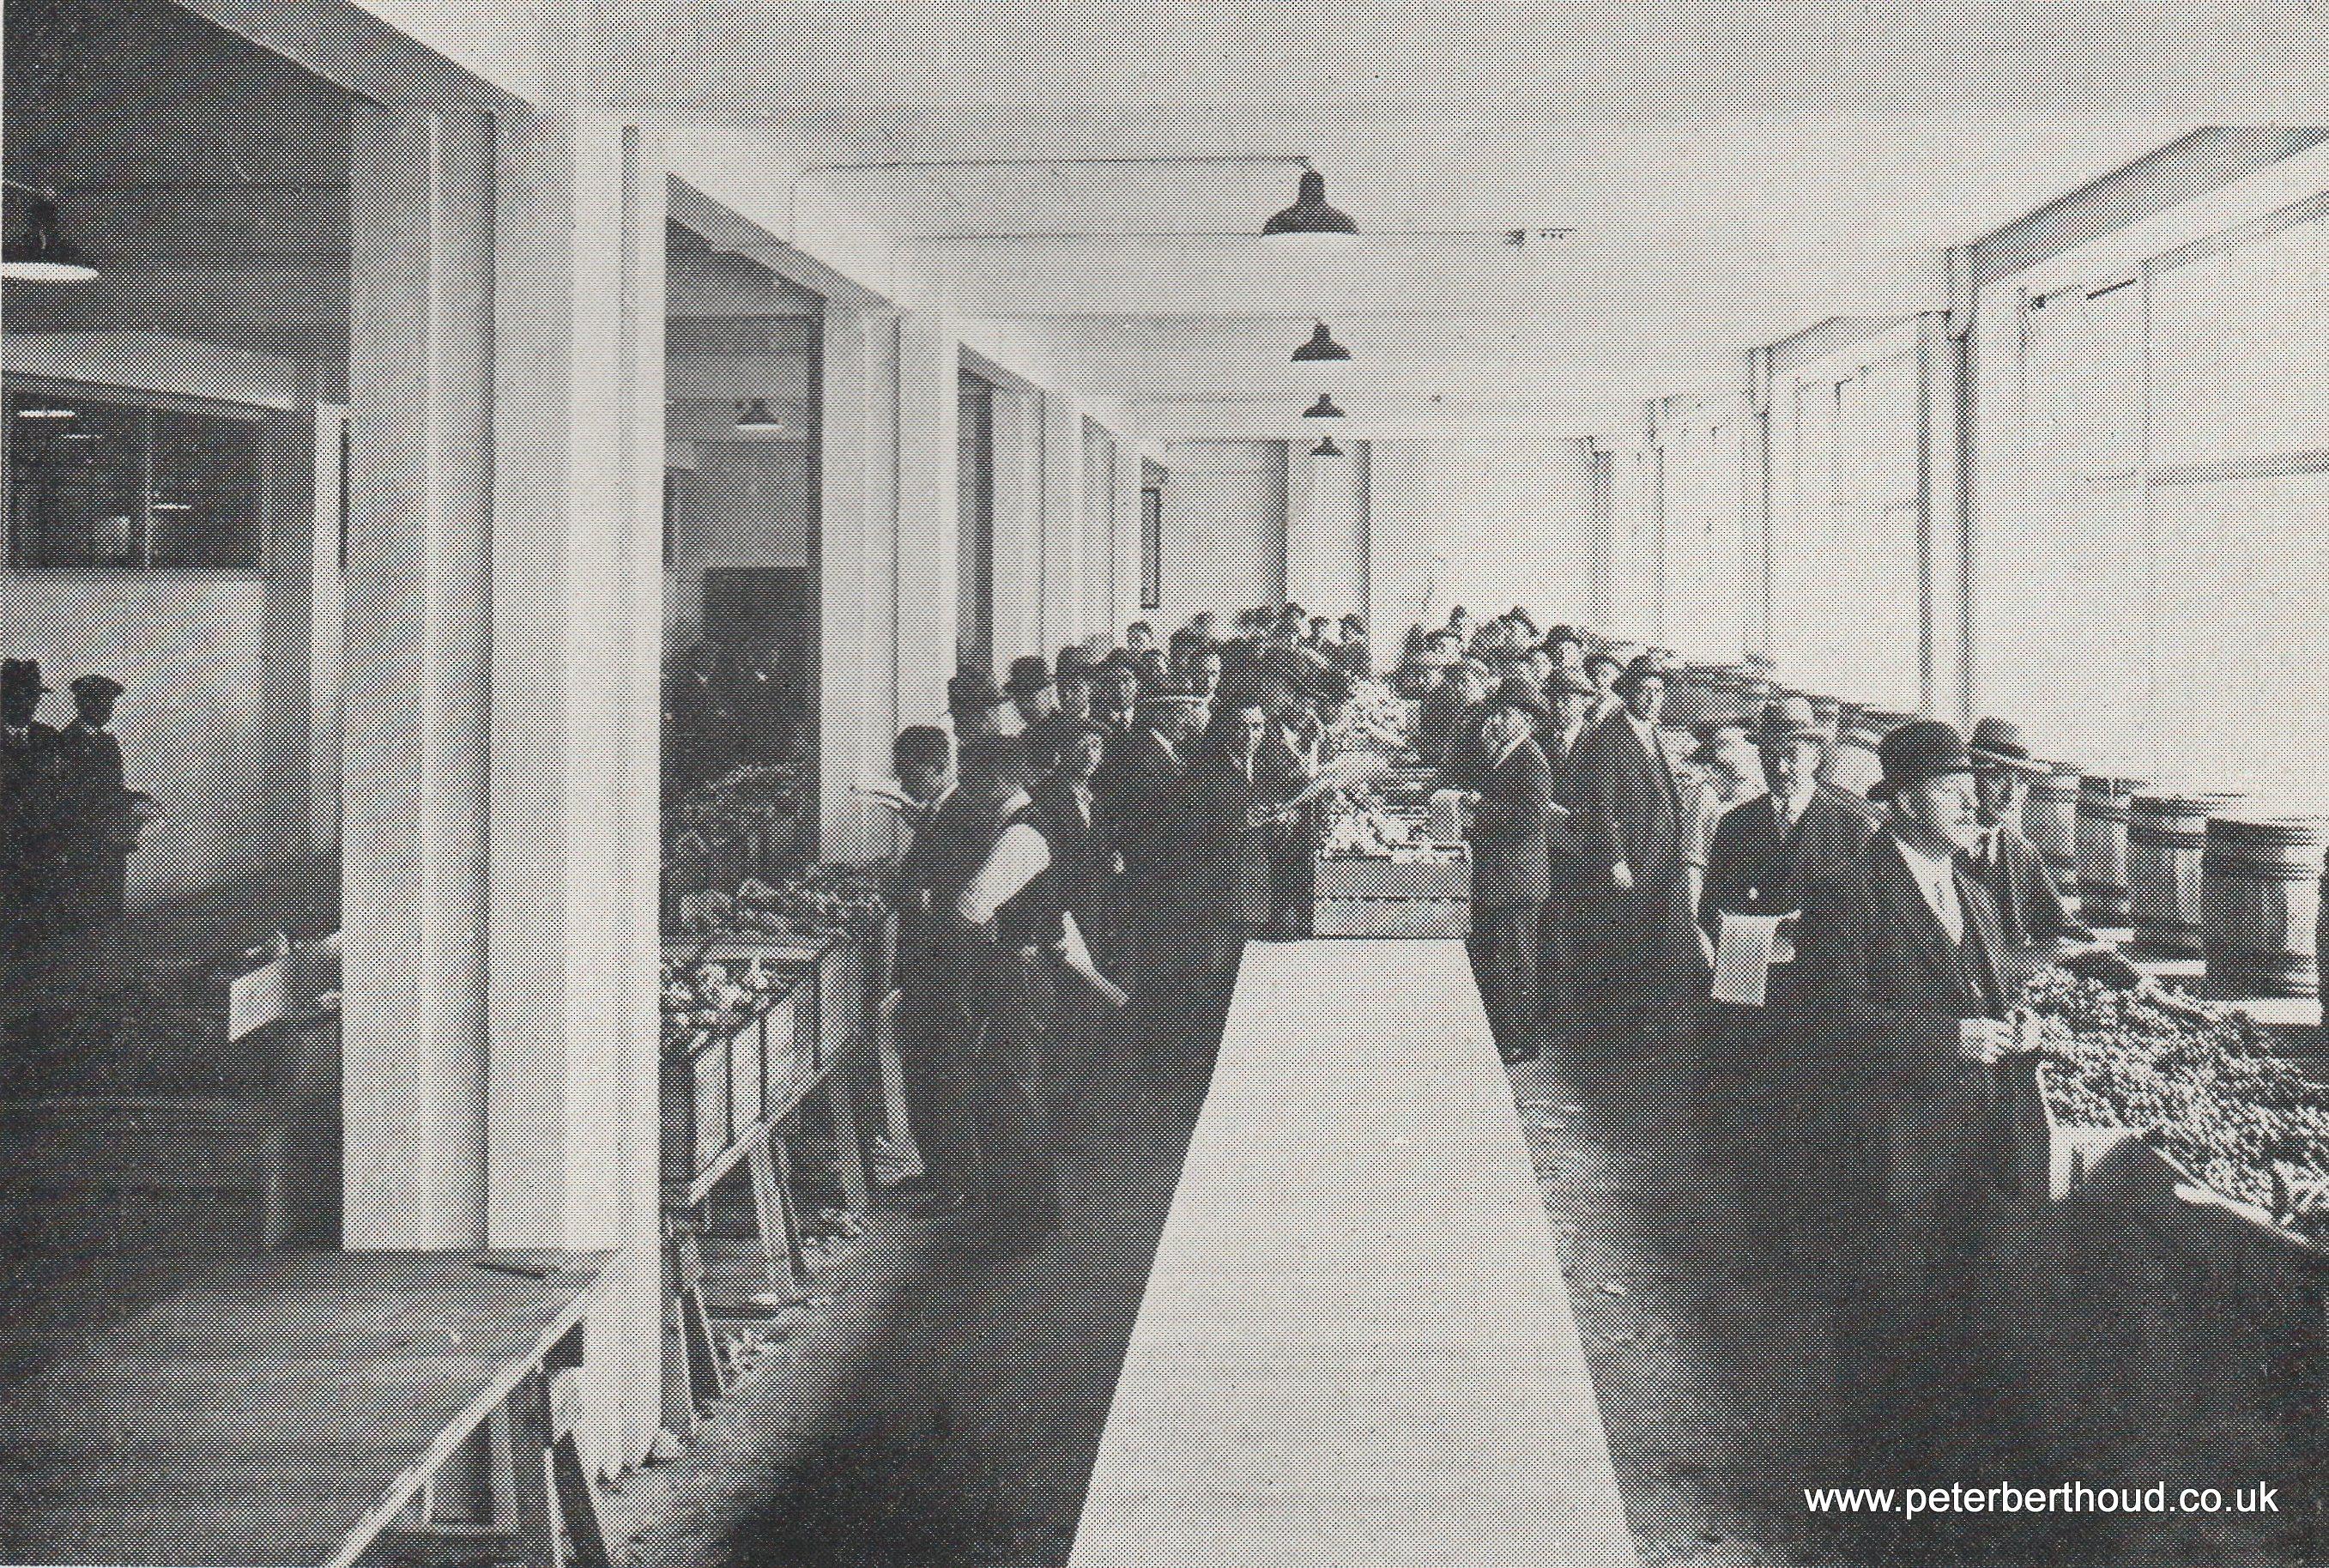 London Fruit Exchange, Spitalfields Market: Sample Show-room (1930)